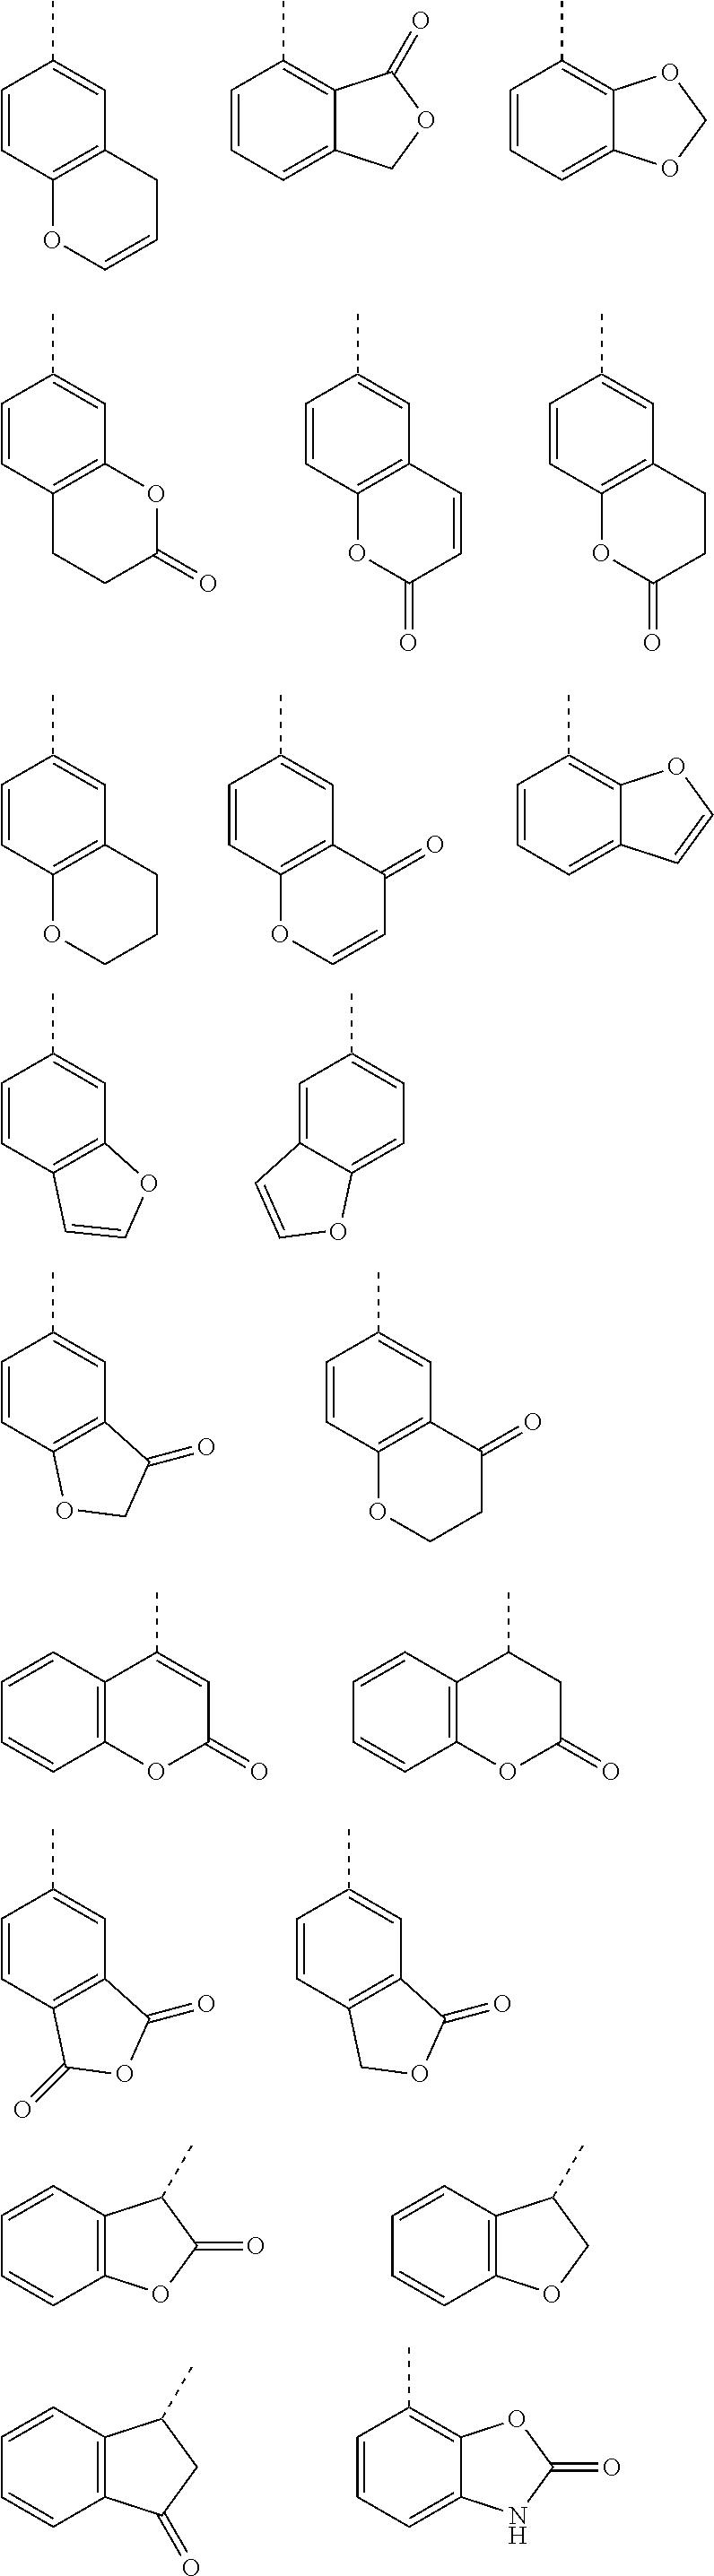 Figure US09488914-20161108-C00056